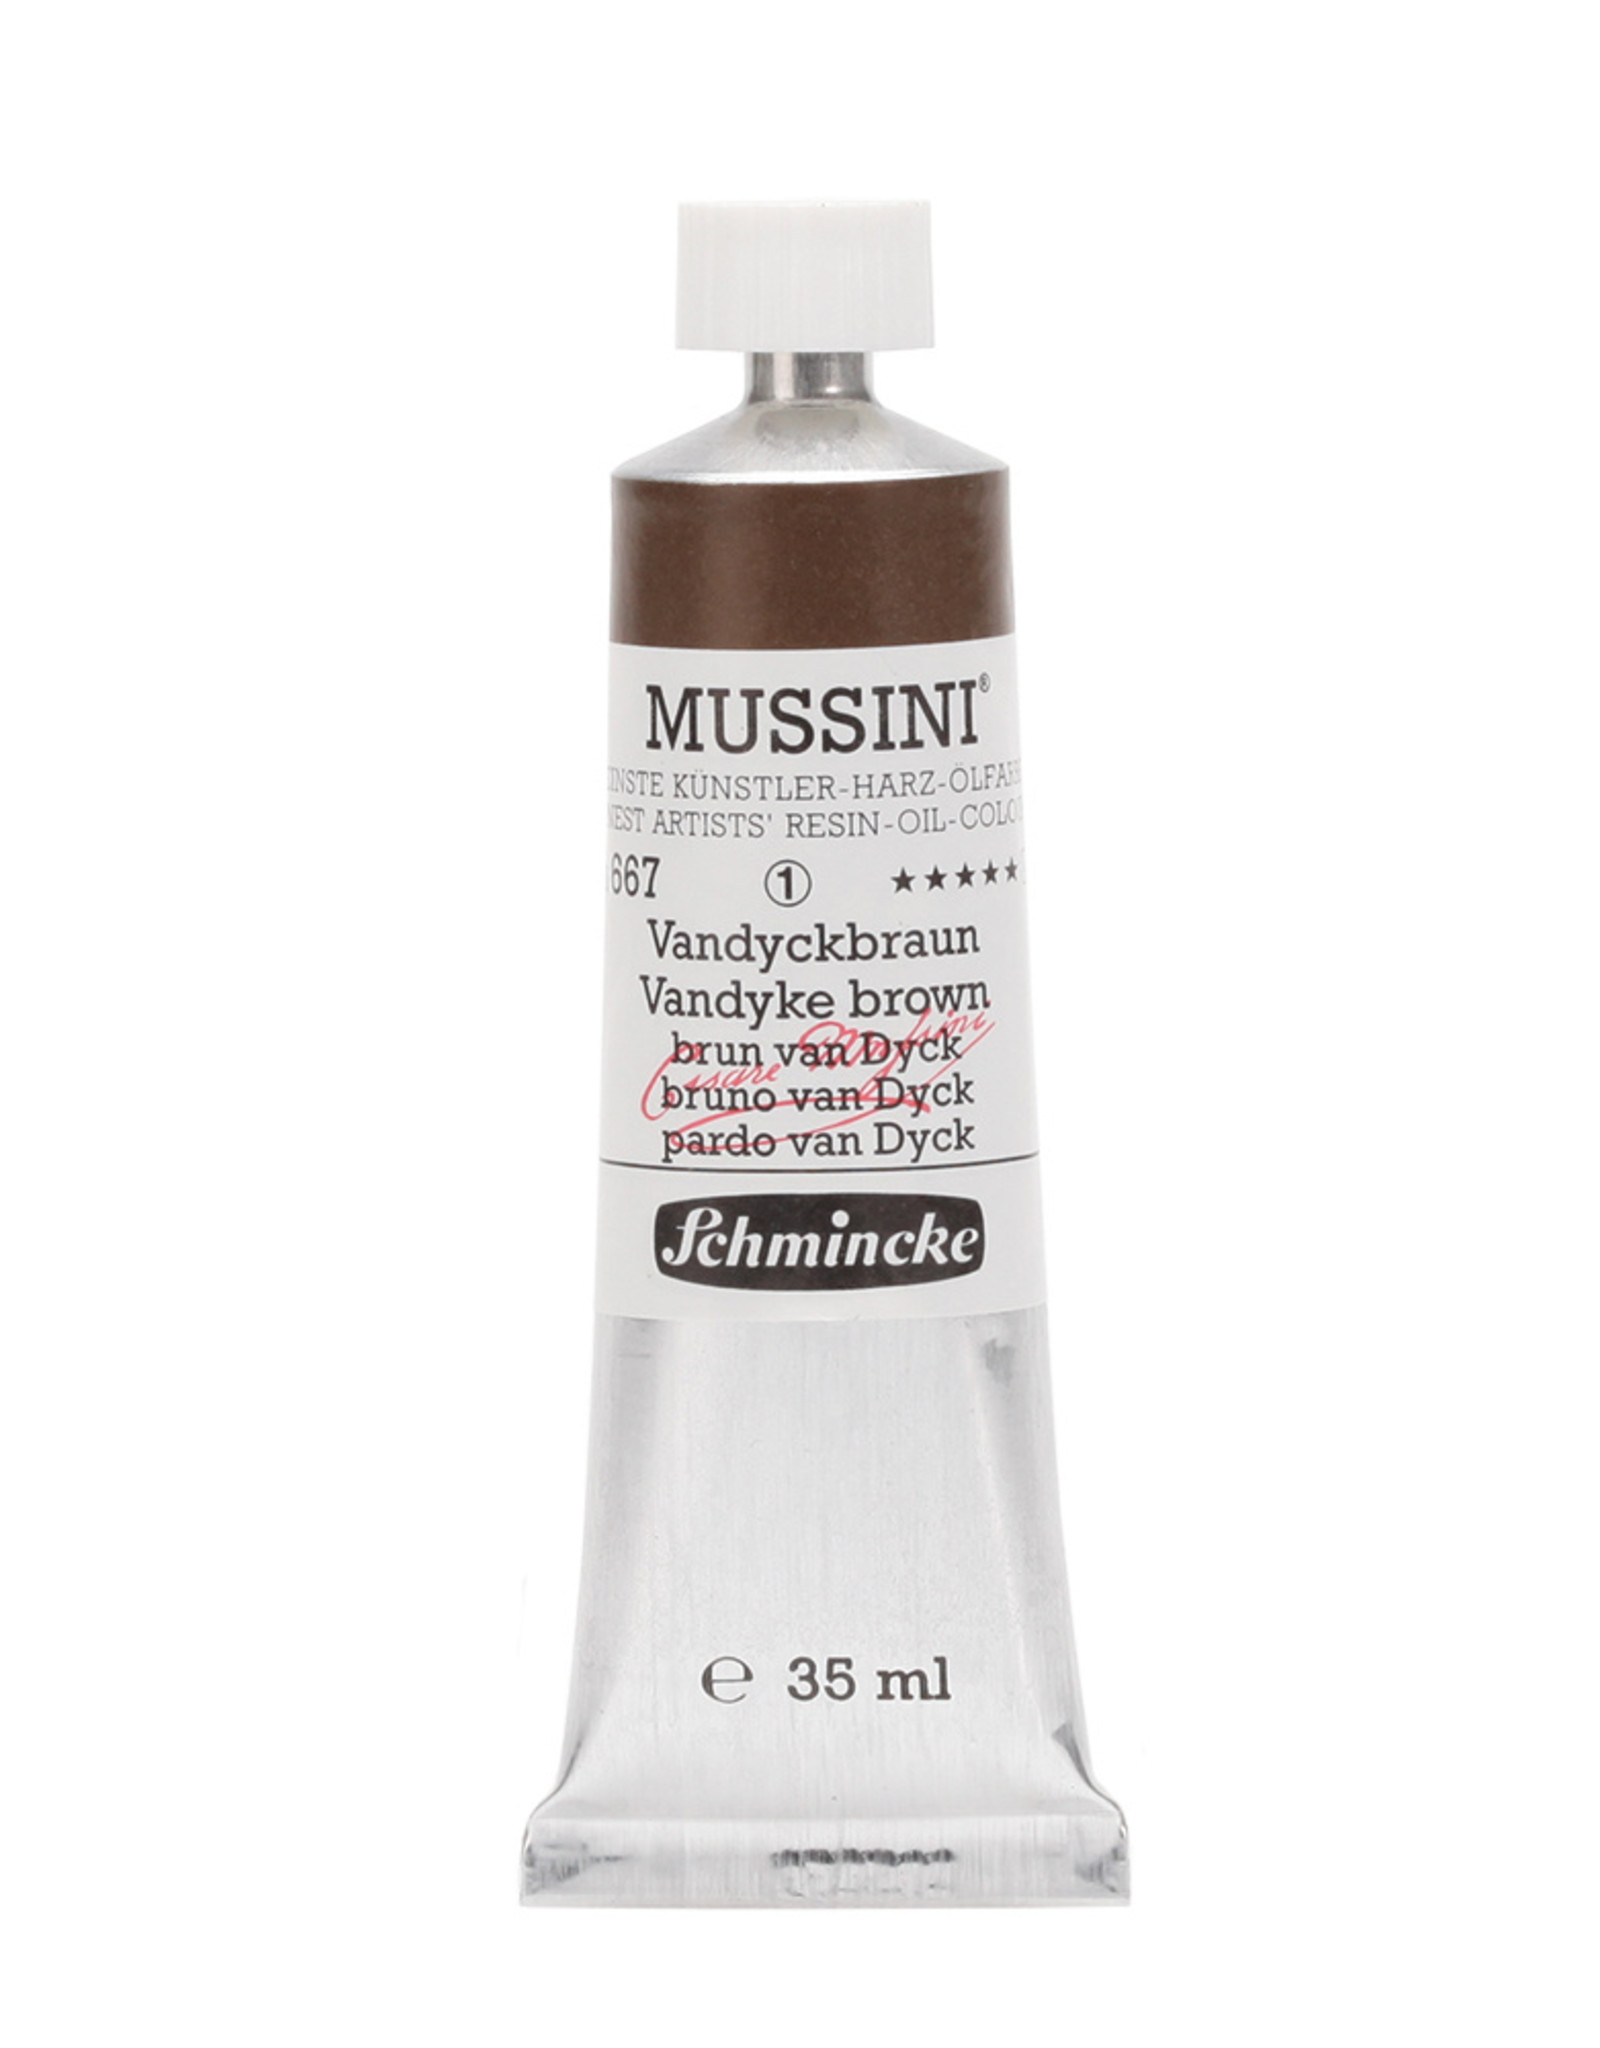 Schmincke Olieverf Mussini 35 ml Bruin Van Dijck 667/1